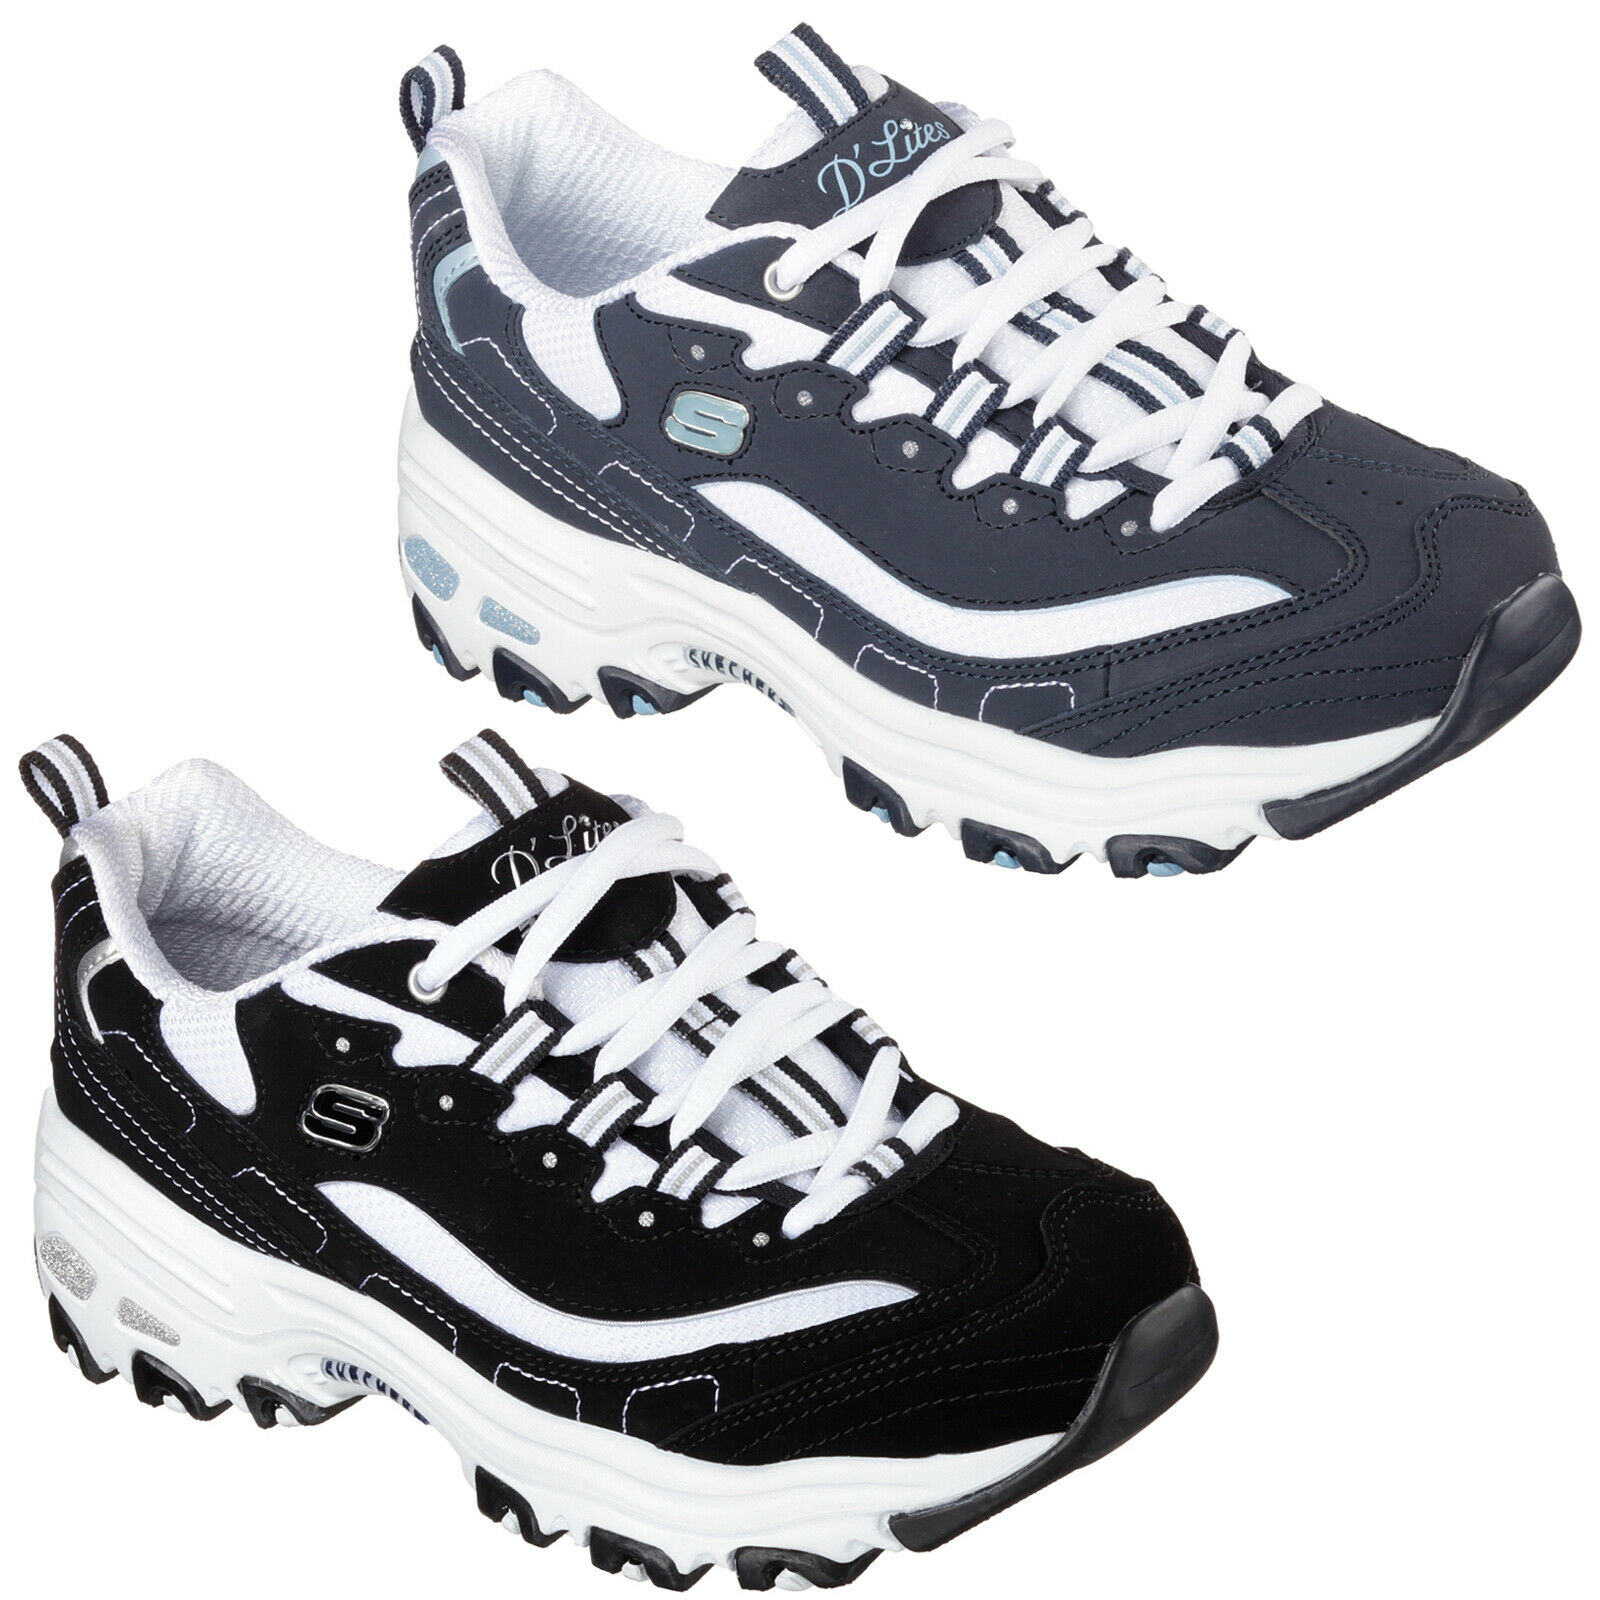 Skechers d'lites - Ventilador de mayor entrenadores 11930 de Mujer Estilo Retro Grueso Zapatos De Moda